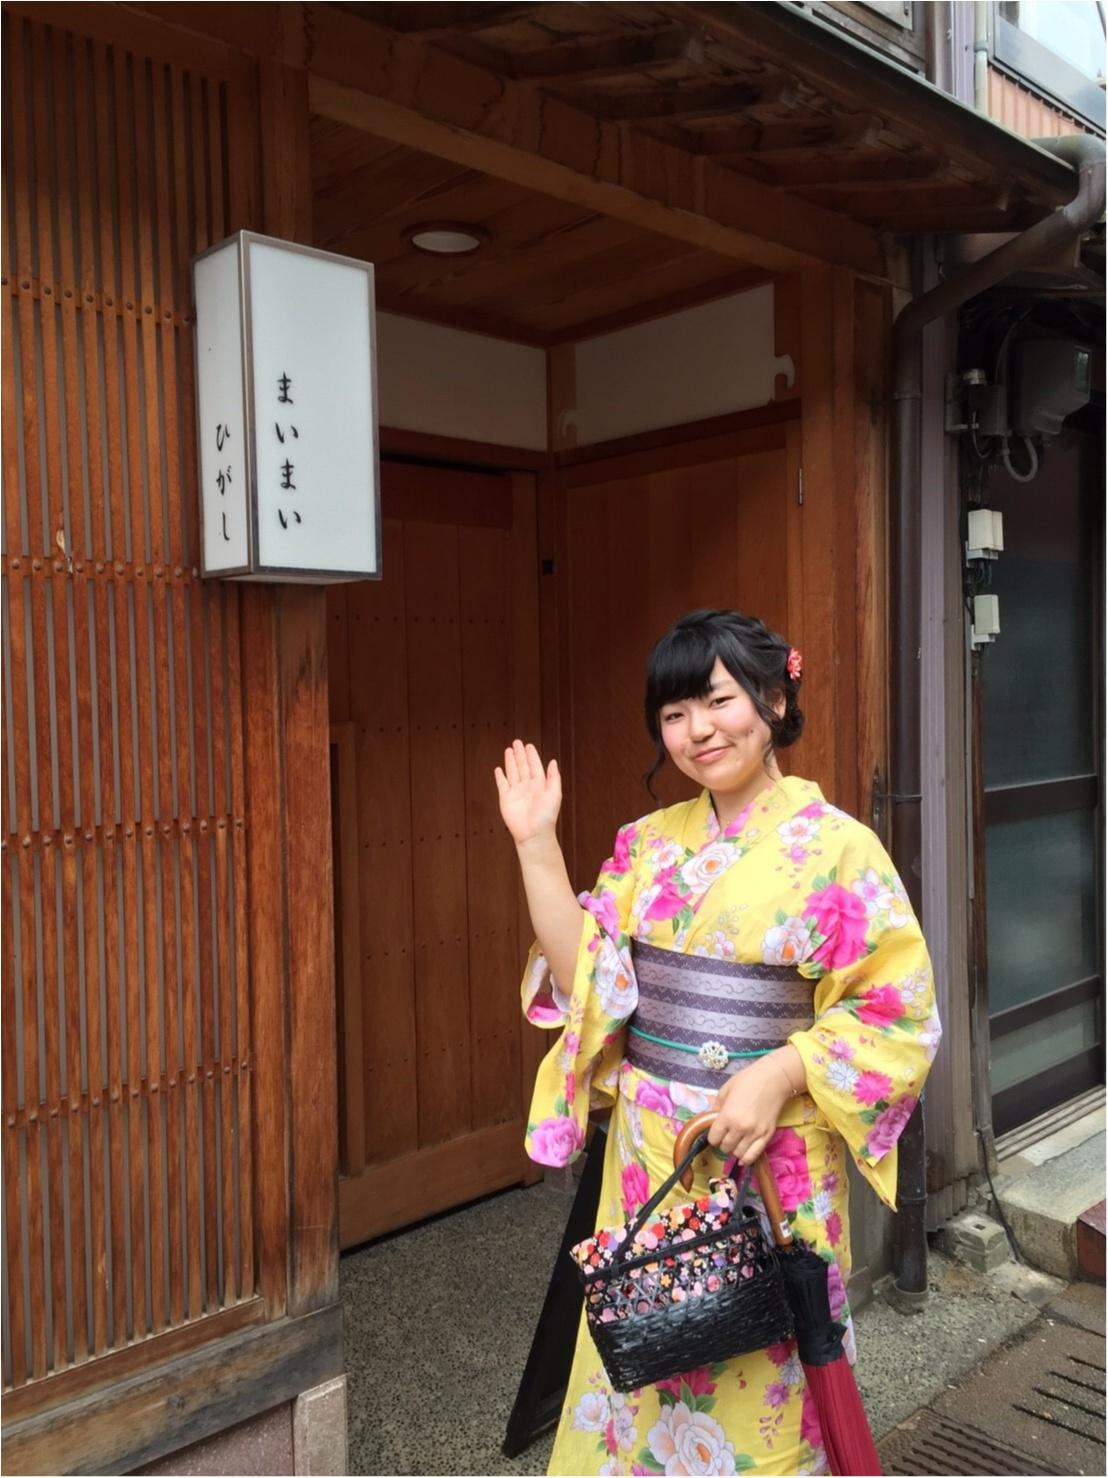 《週末金沢旅》浴衣で風情を感じながら金沢を街歩き〜兼六園・ひがし茶屋街〜♡*_8